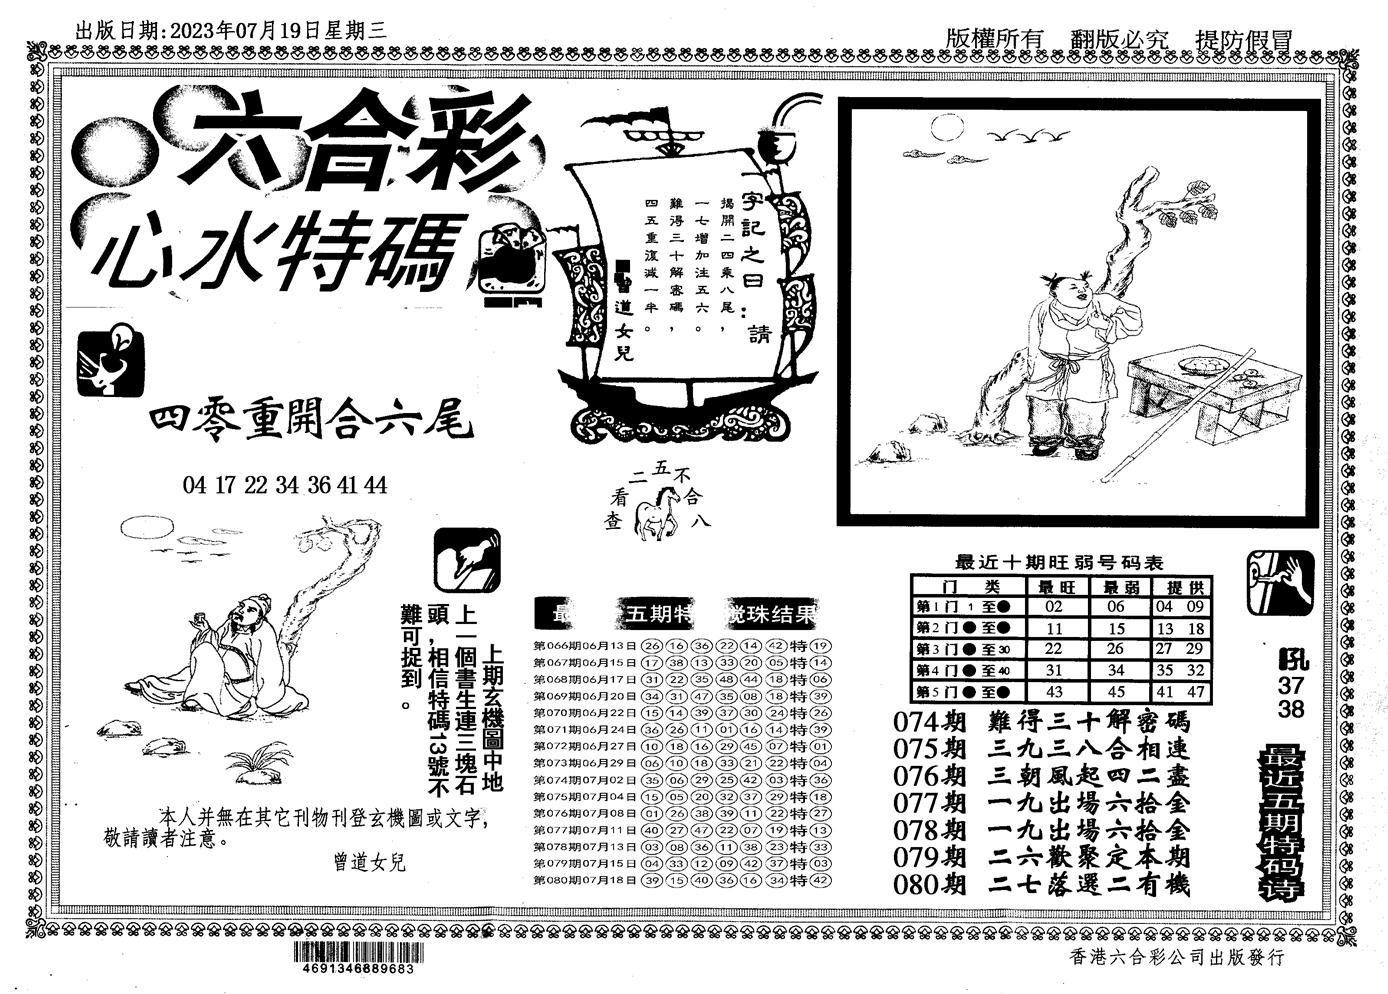 081期新特码心水(黑白)